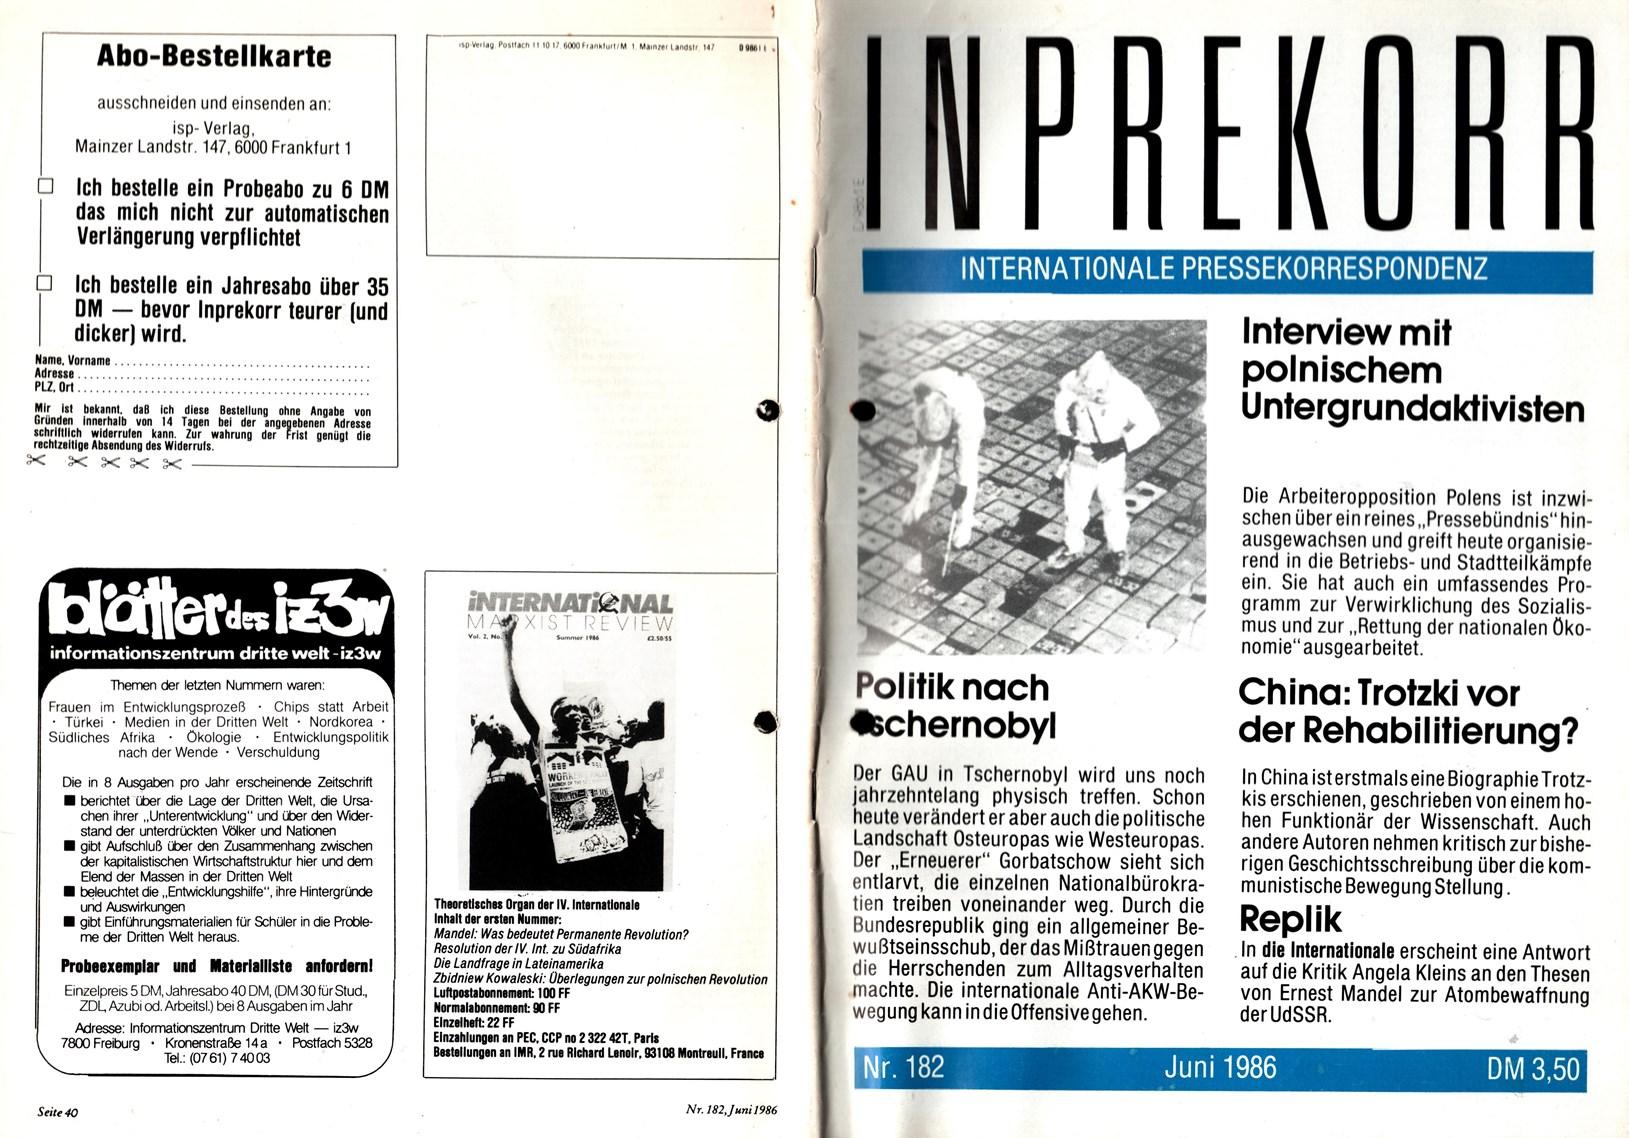 Inprekorr_19860600_182_001